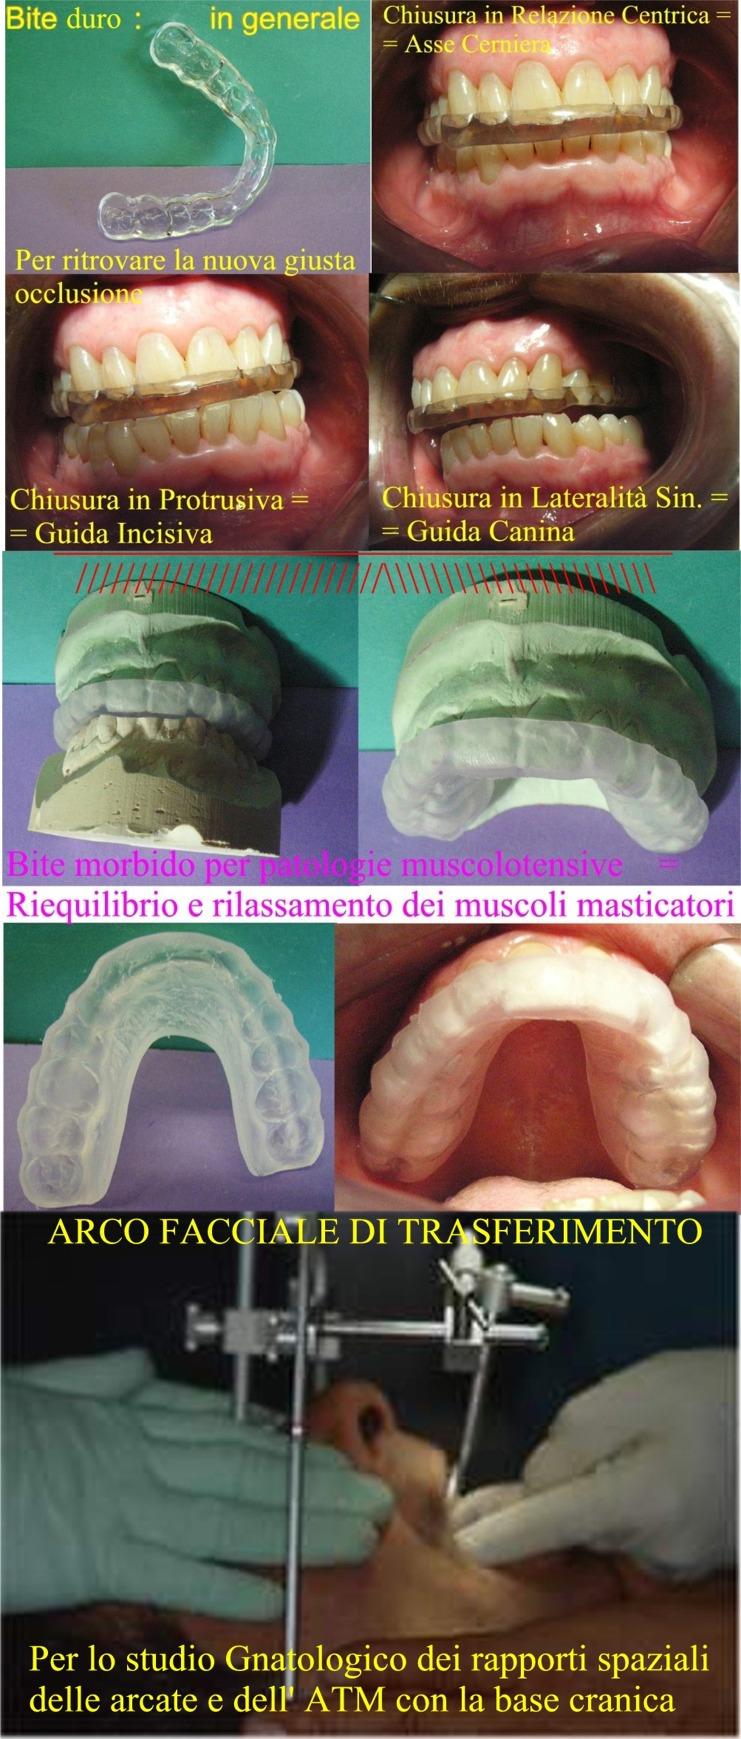 Diversi tipi di Bite ed Arco Facciale di Trasferimento in una Visita Gnatologica approfondita. Da Casistica del Dr. Gustavo Petti di Cagliari